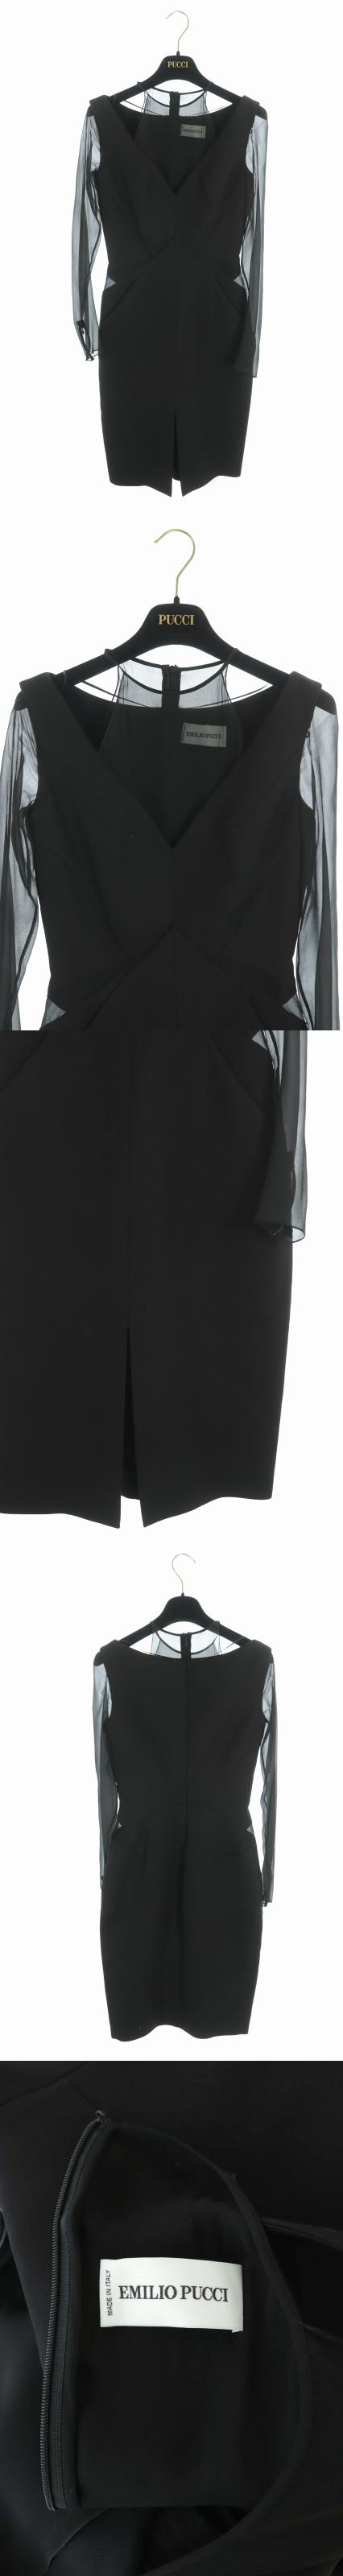 ワンピース ひざ丈 切替 長袖 シルク混 ハンガー付き I38 黒 ブラック /RM ■OS ▲H